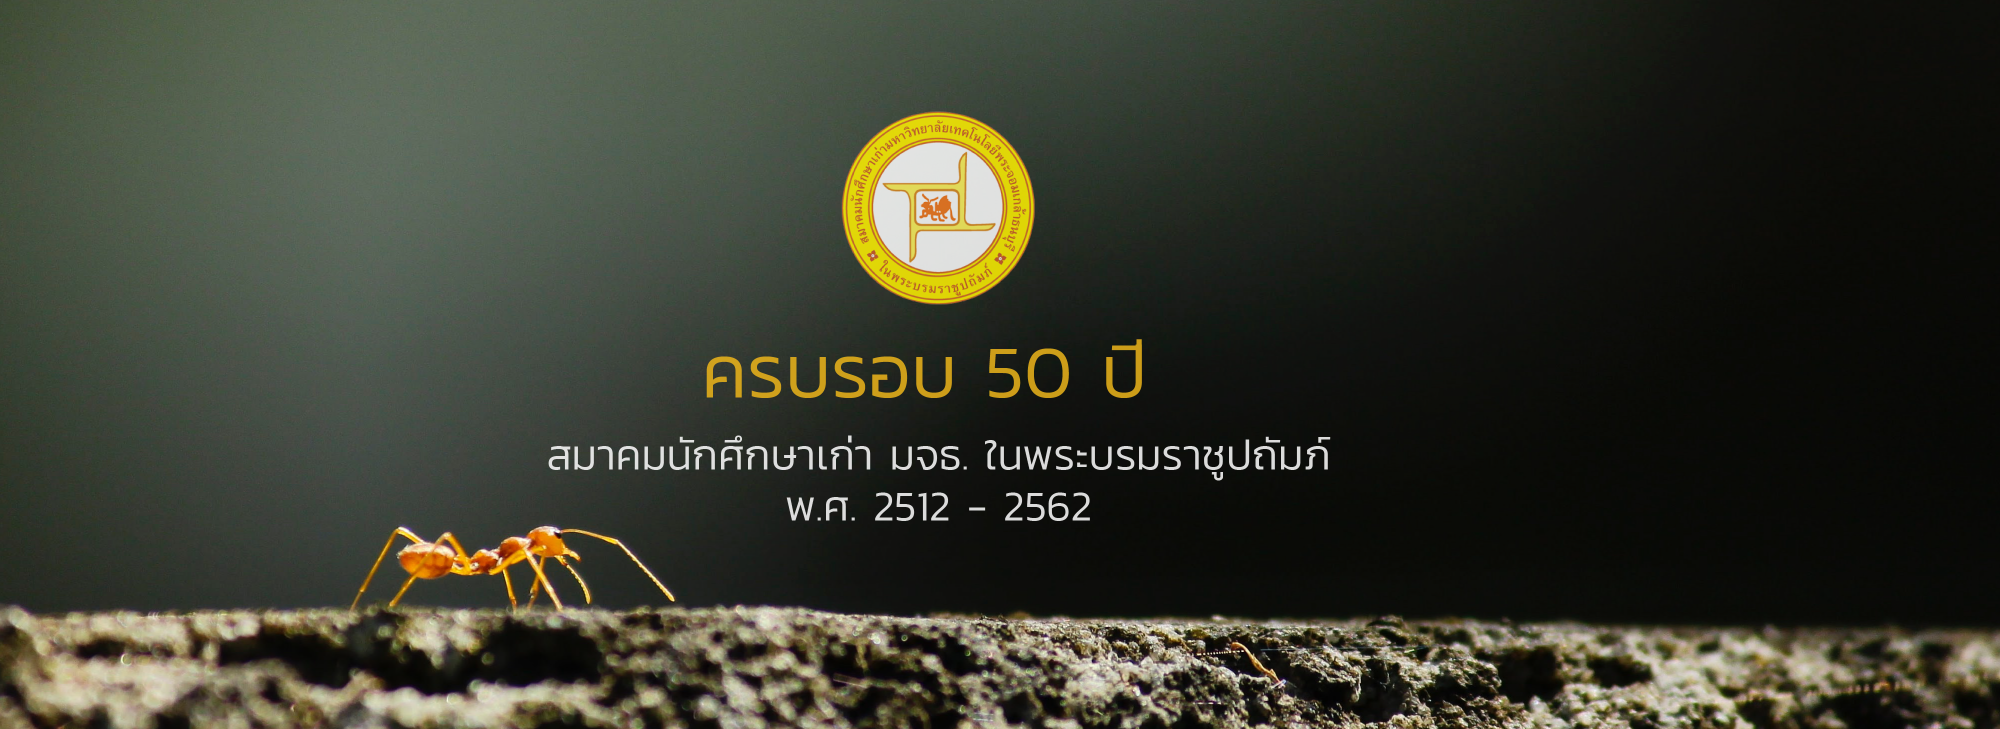 แบนเนอร์ สมาคม 50 ปี